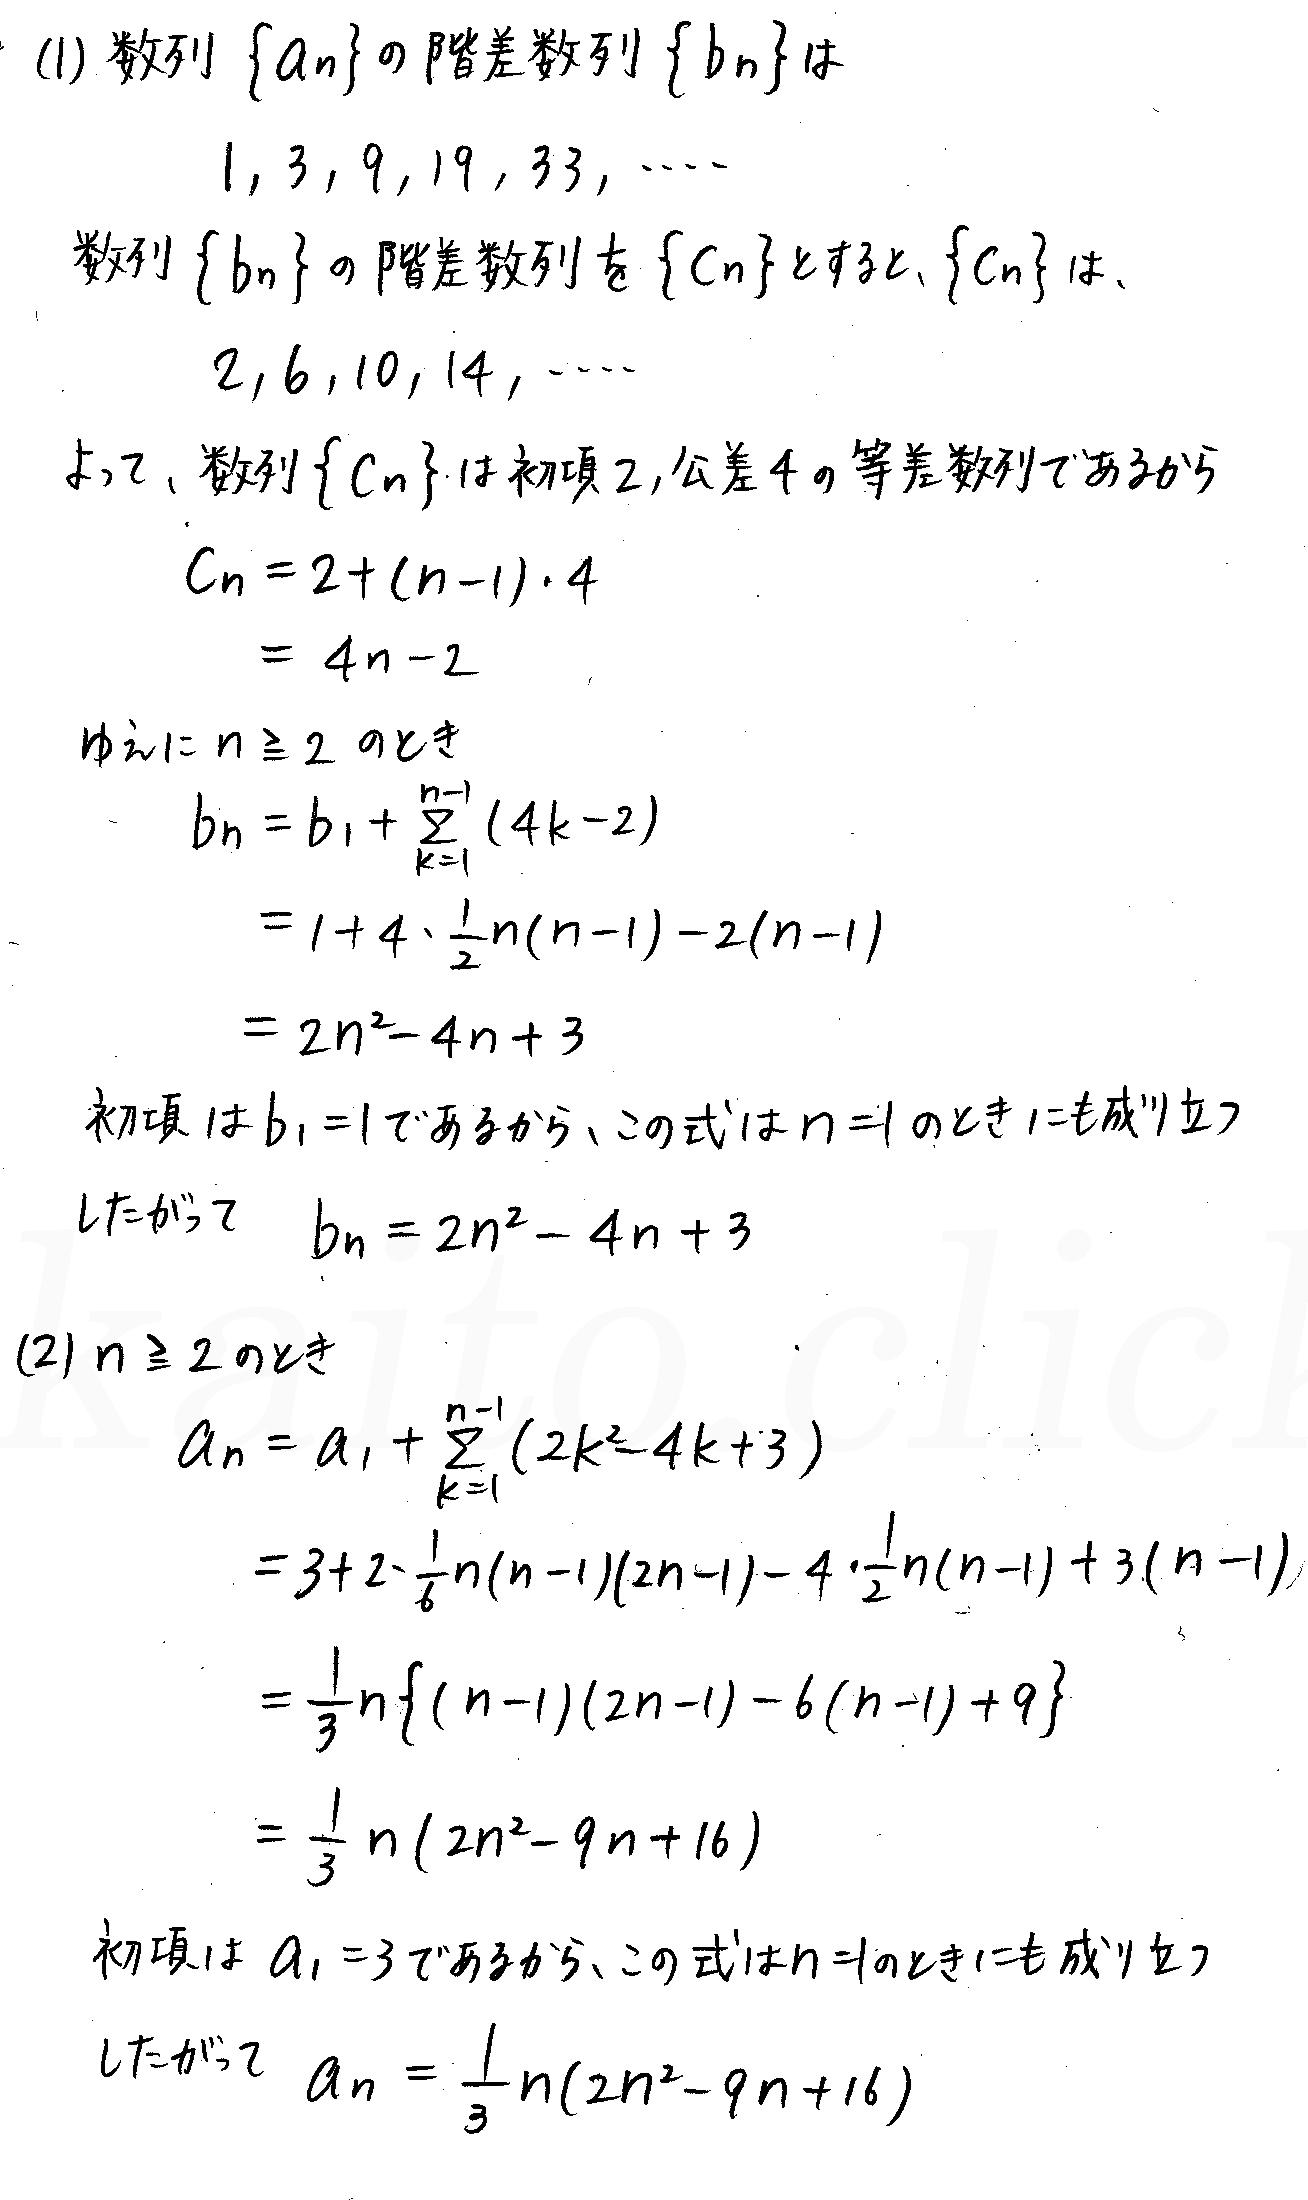 クリアー数学B-215解答